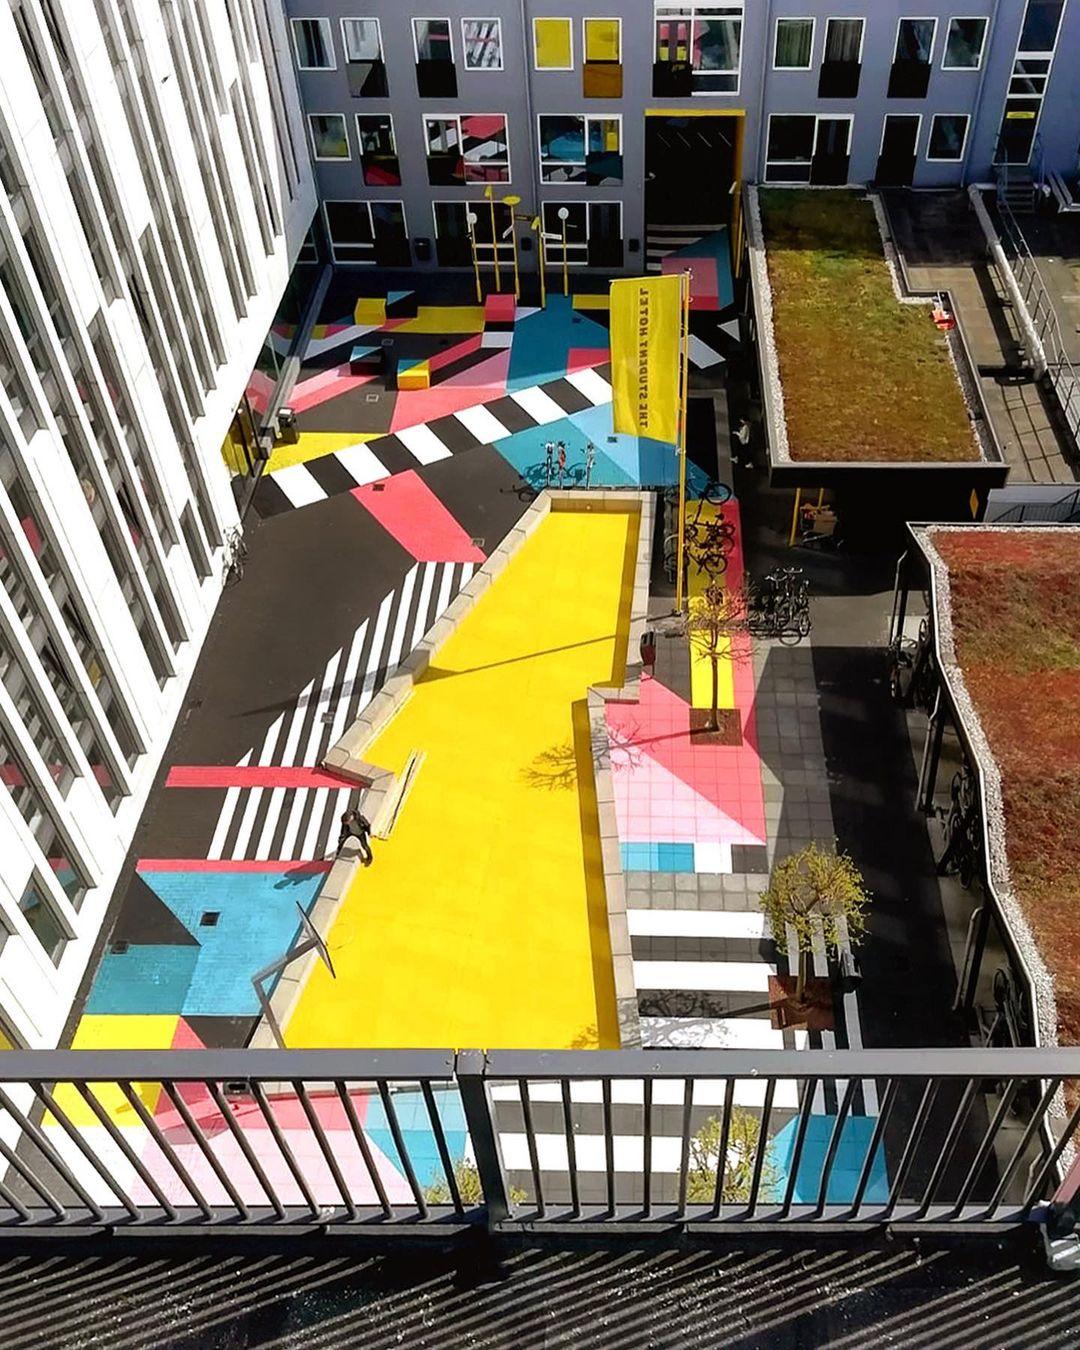 Artwork By Anna Taratiel in The Hague